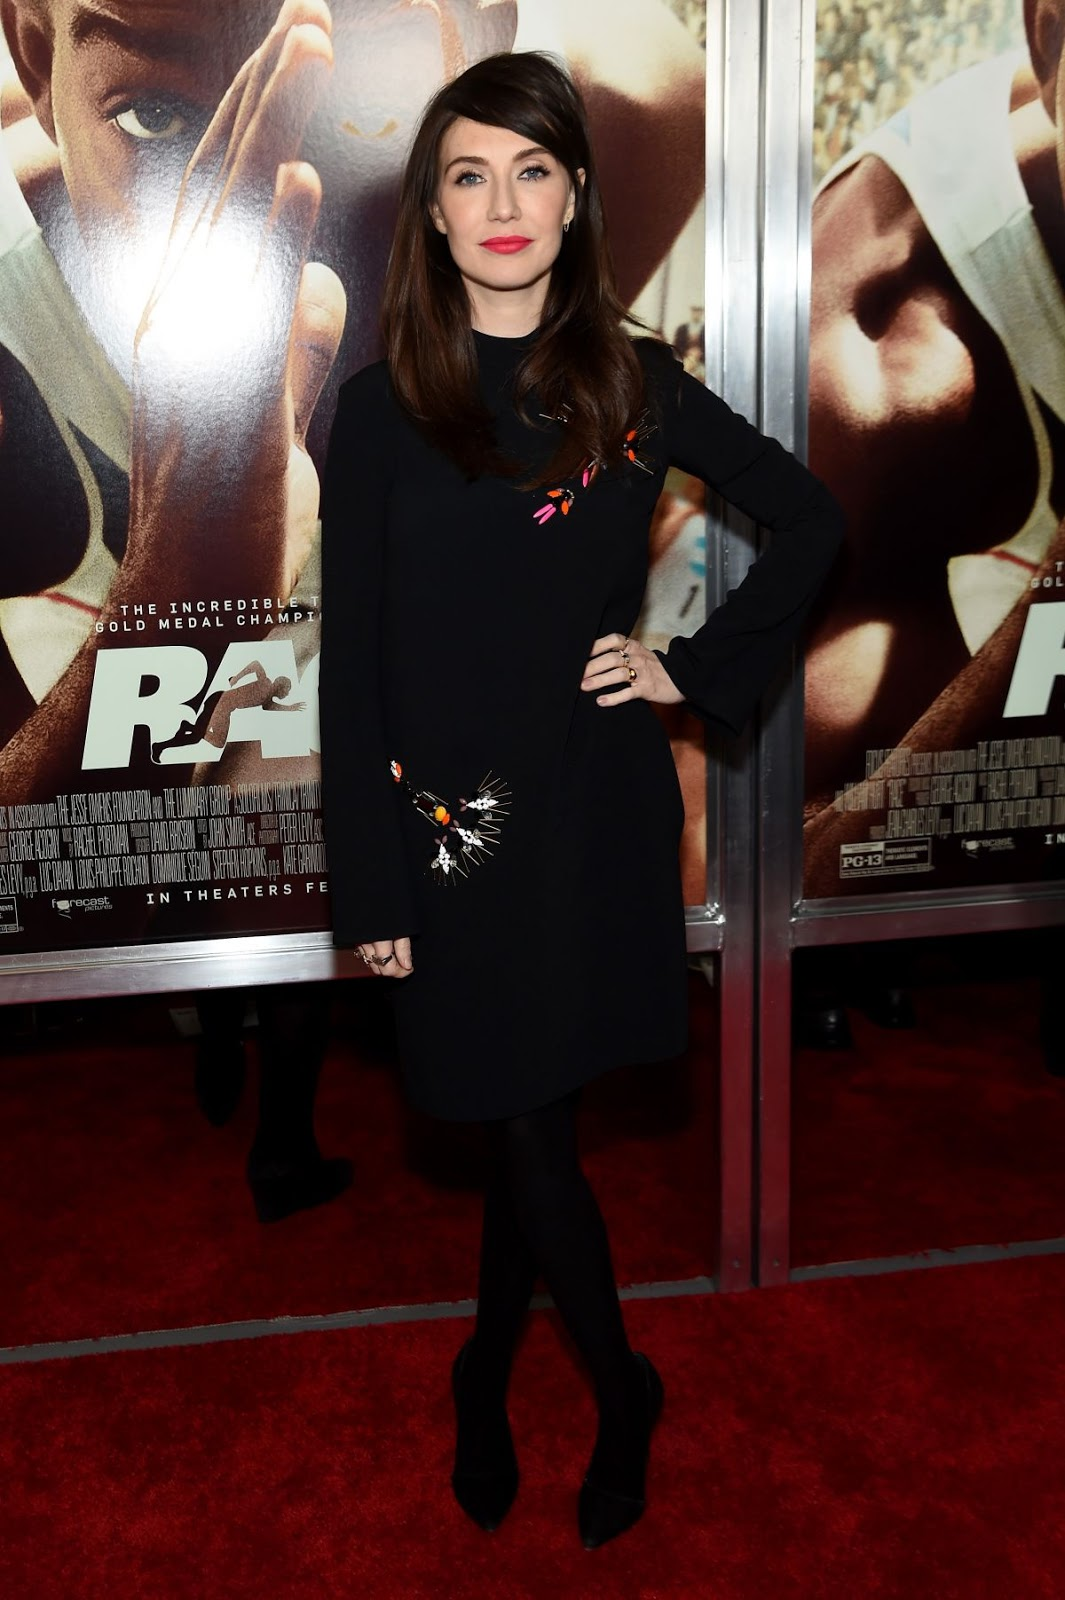 Game of Thrones actress Carice Van Houten at Race Screening in New York